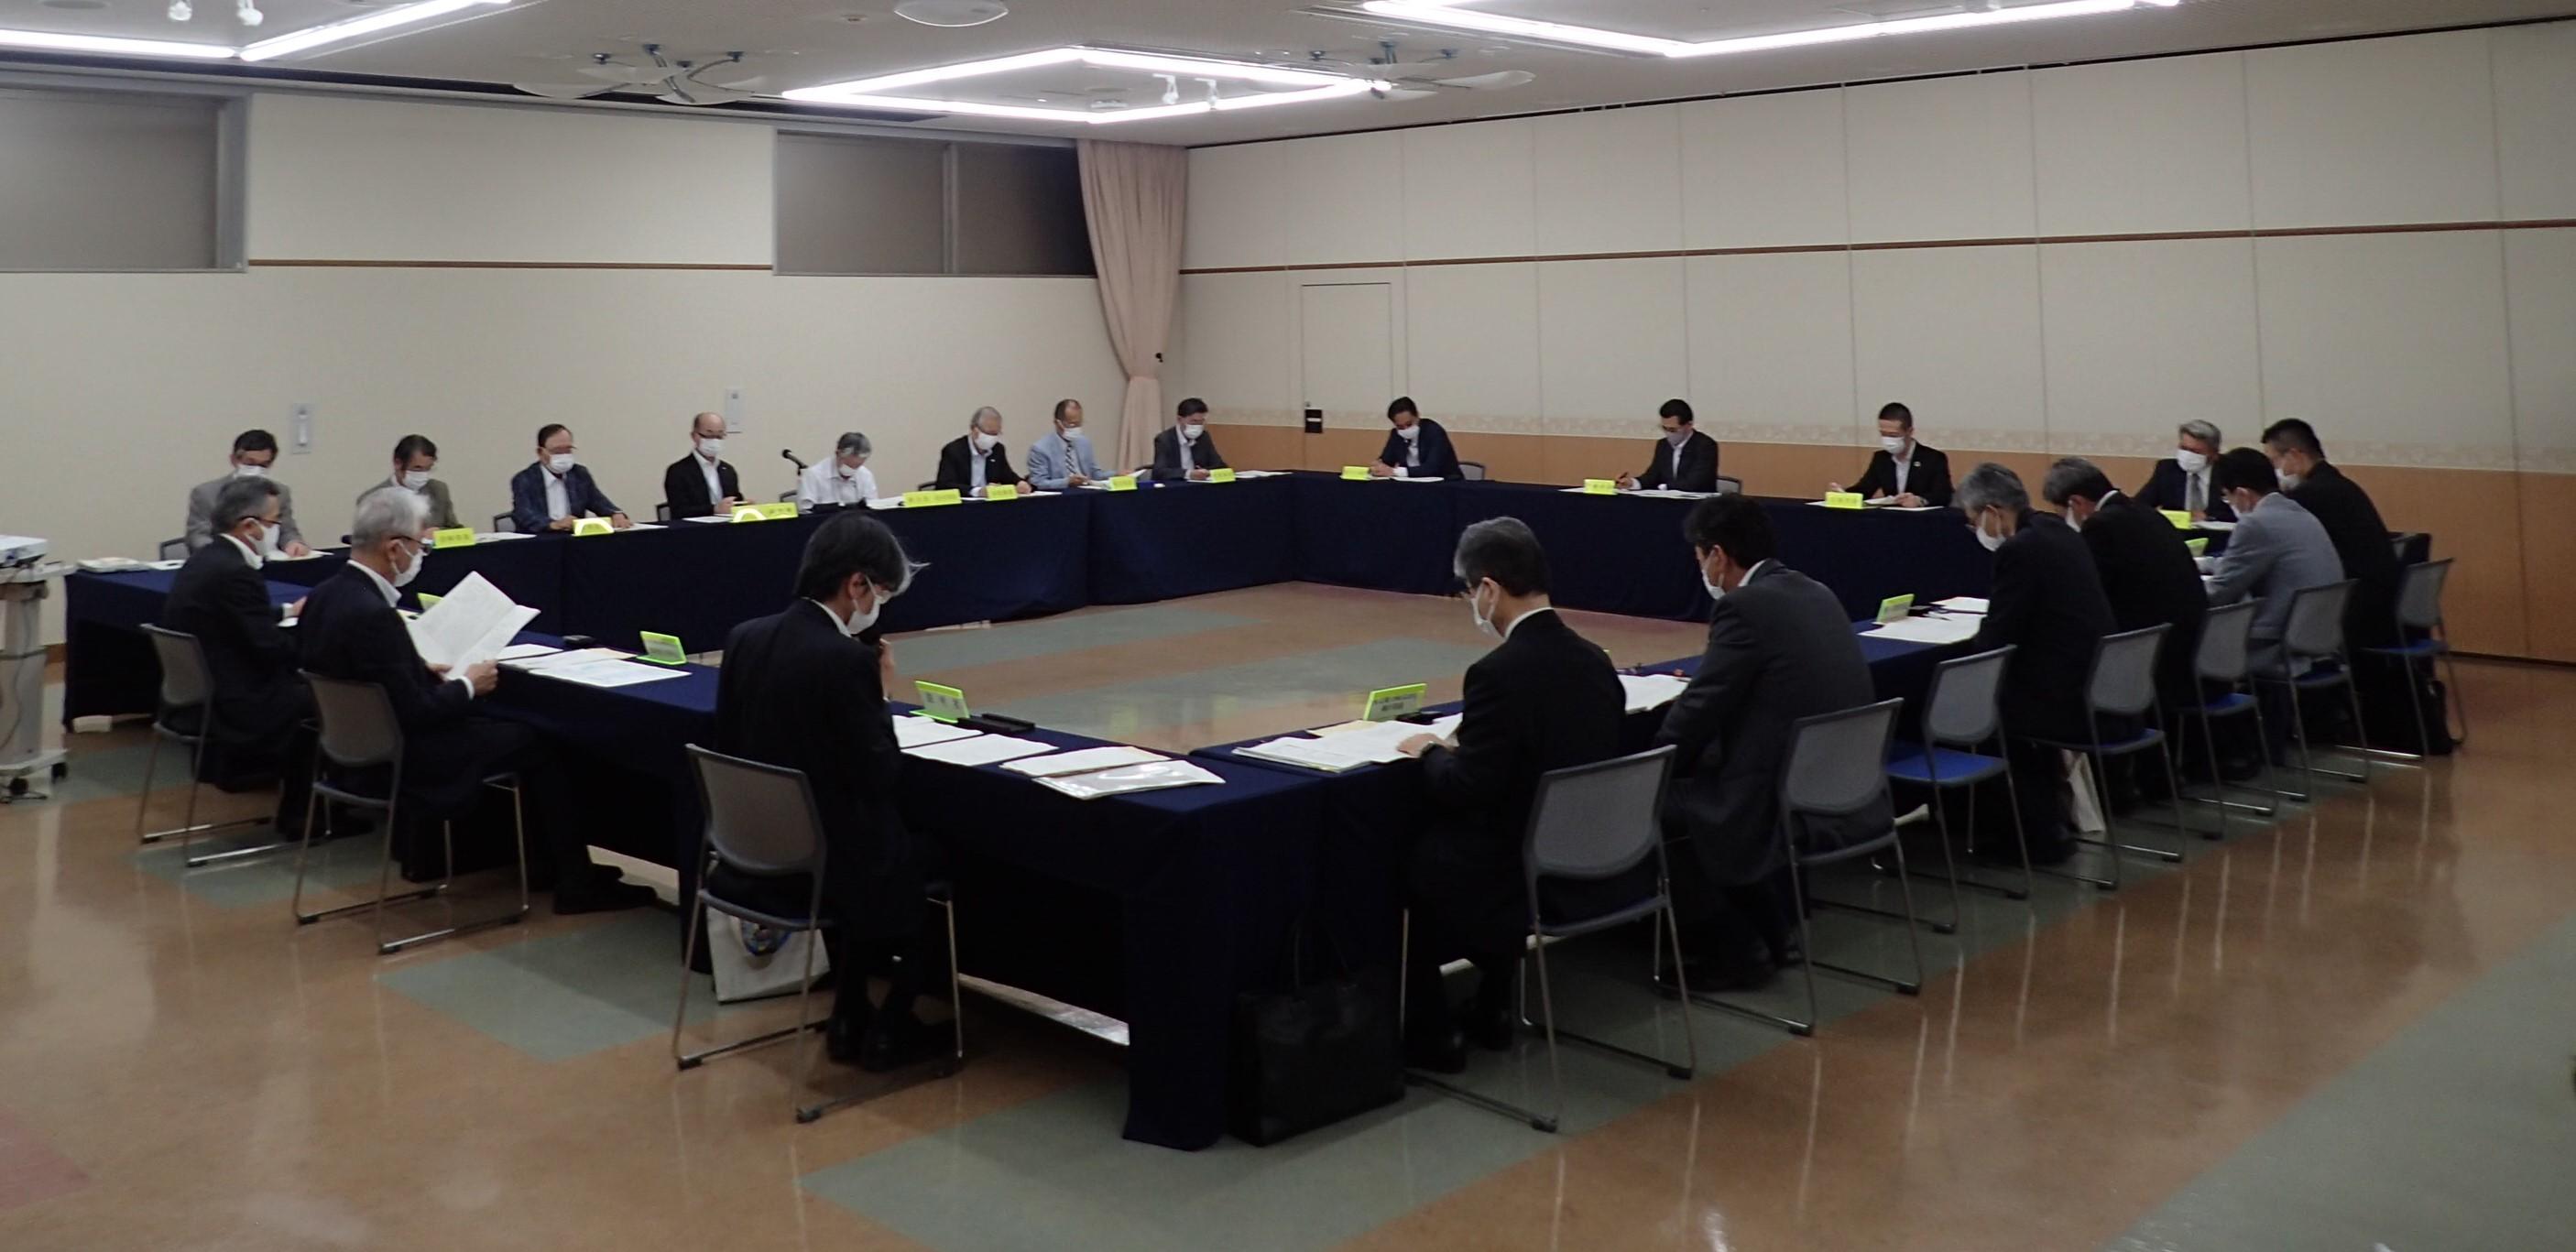 第156回女川原子力発電所環境保全監視協議会を開催しました(令和3年6月8日)